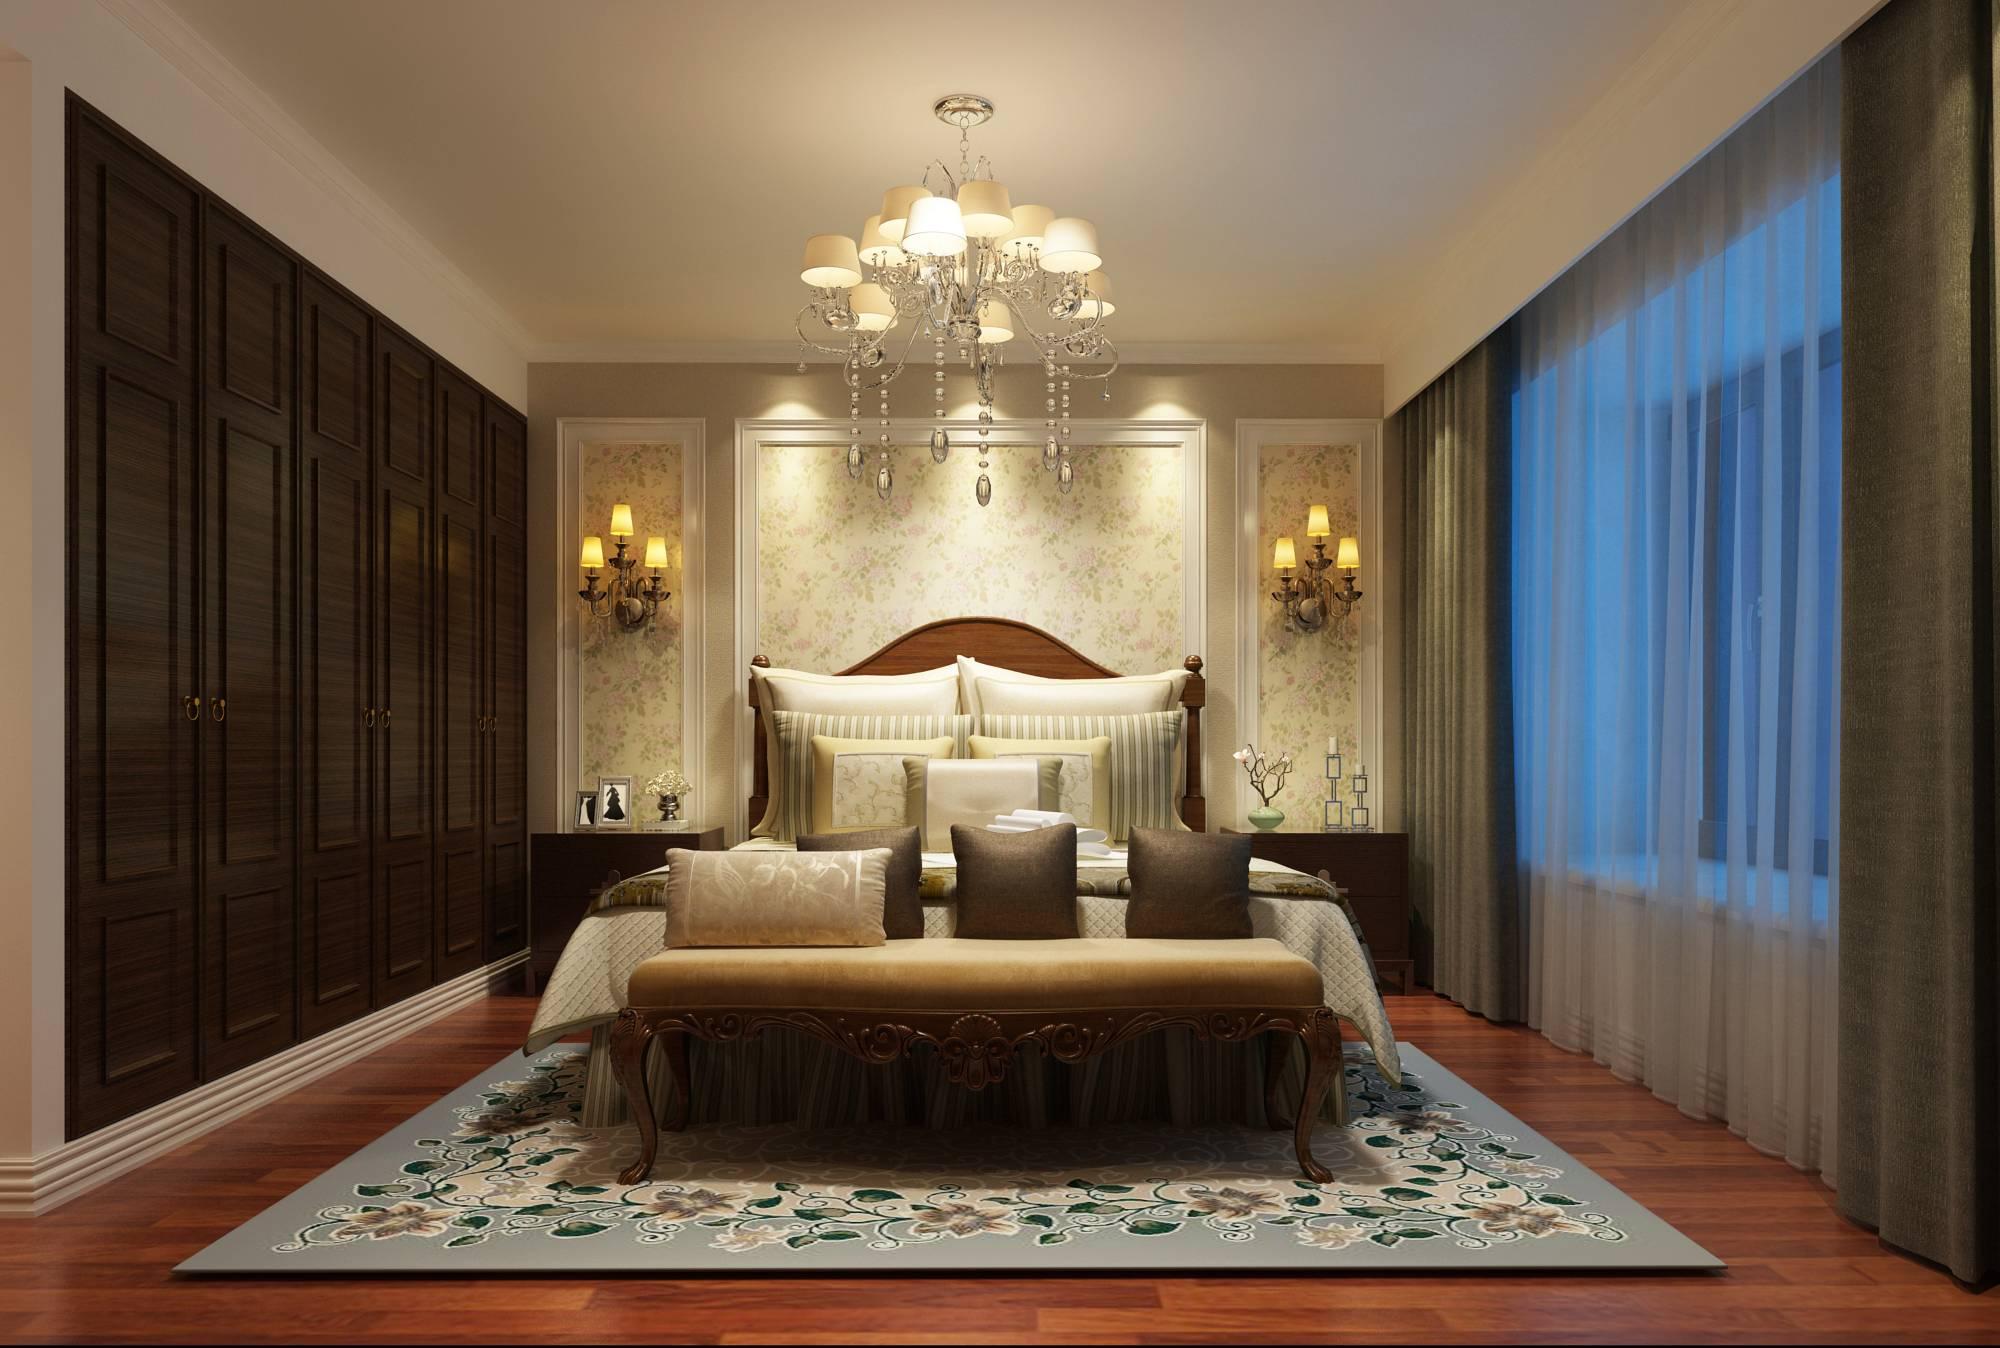 房子结构比较规整,房型结构为南北通透户型,根据空间更大利用做局部调整。本案定为新中式与简美风格的混搭风,以浅色为主,深色为辅。客餐厅修改后增加门厅出门厅的功能性,其次原始结构的卫生间较小,调整后更方便业主的使用。主卧采用简美风格,体现了主卧的空间感,美式家居的卧室布置较为温馨,作为主人的私密空间,主要以功能性和实用性为考虑重点,儿童房则体现的比较活泼。公共区新中式风格卧室区简美风格和谐的融合在一起,打造出一个既有中式韵味又有现代美式艺术的完美家居。 同时也采用对称性设计,体现出一定的协调性。从整体到局部精雕细琢,都给人一丝不苟的印象。